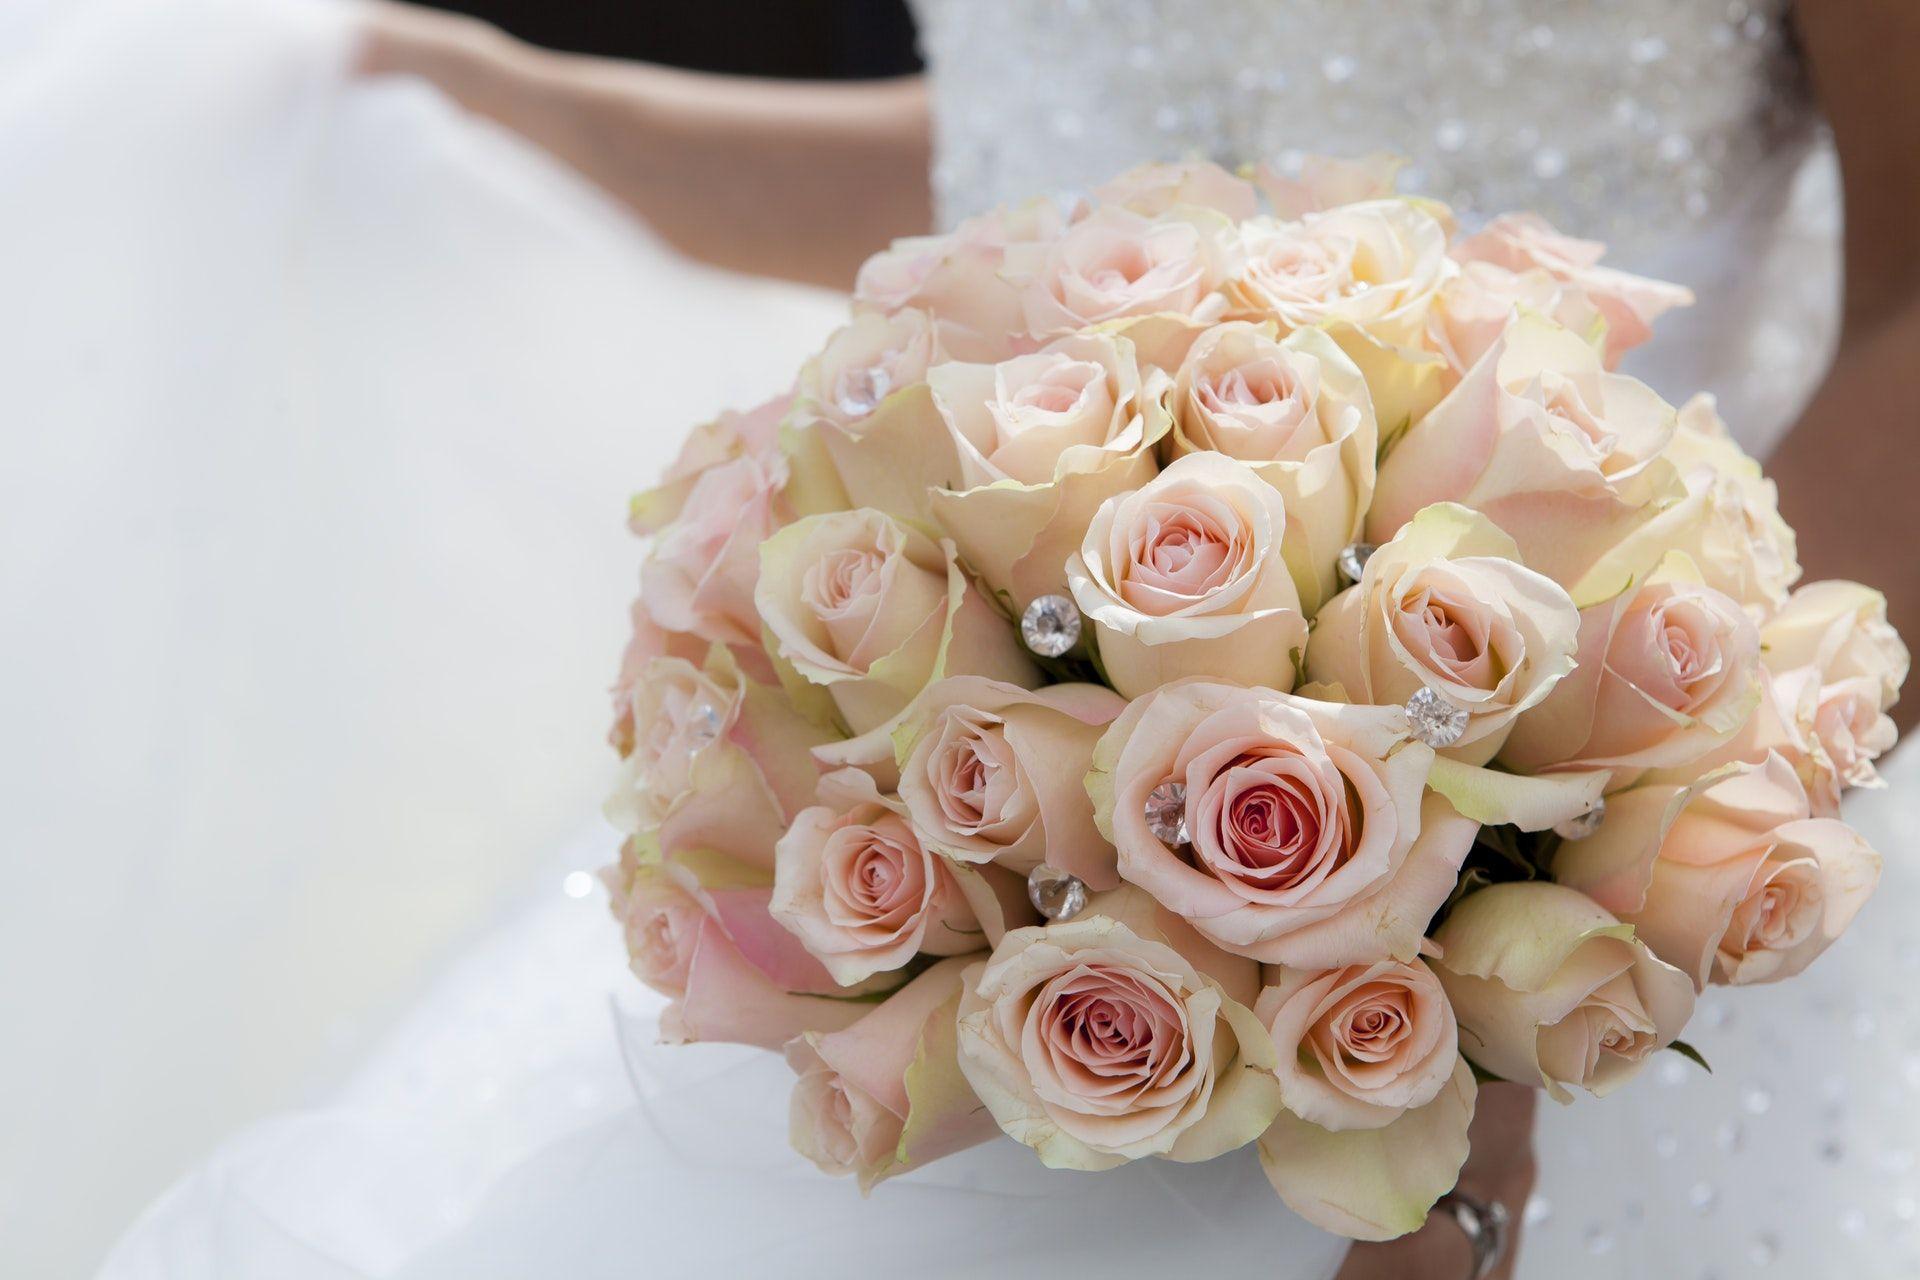 اجمل صور بوكيه ورد لاعياد الميلاد وللأحبه موقع مصري Wedding Tips Beautiful Beach Wedding Perfect Wedding